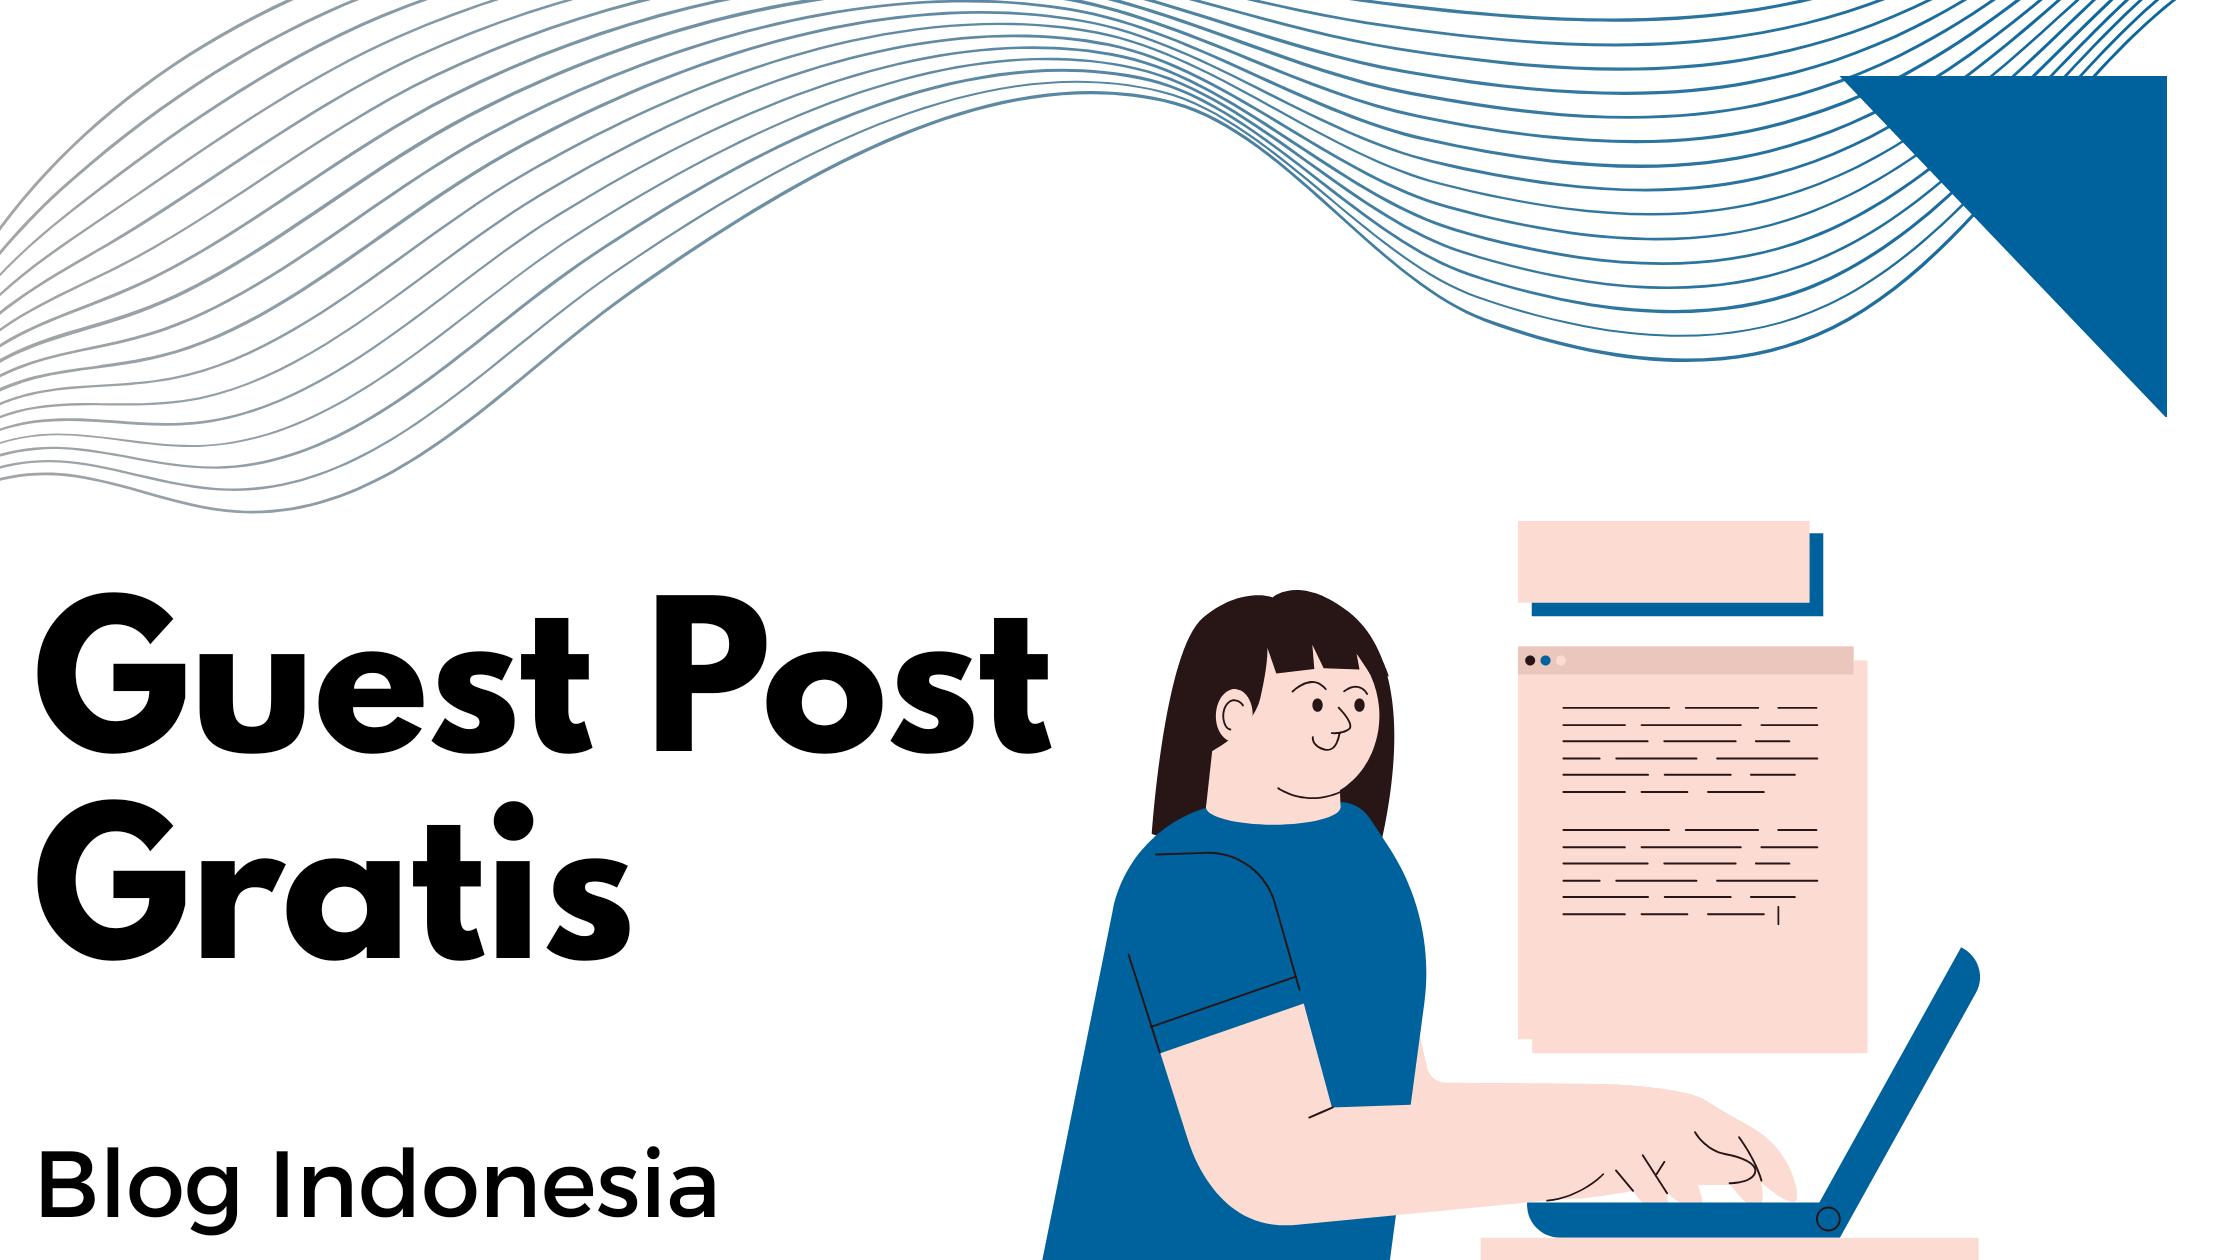 Guest Post Gratis